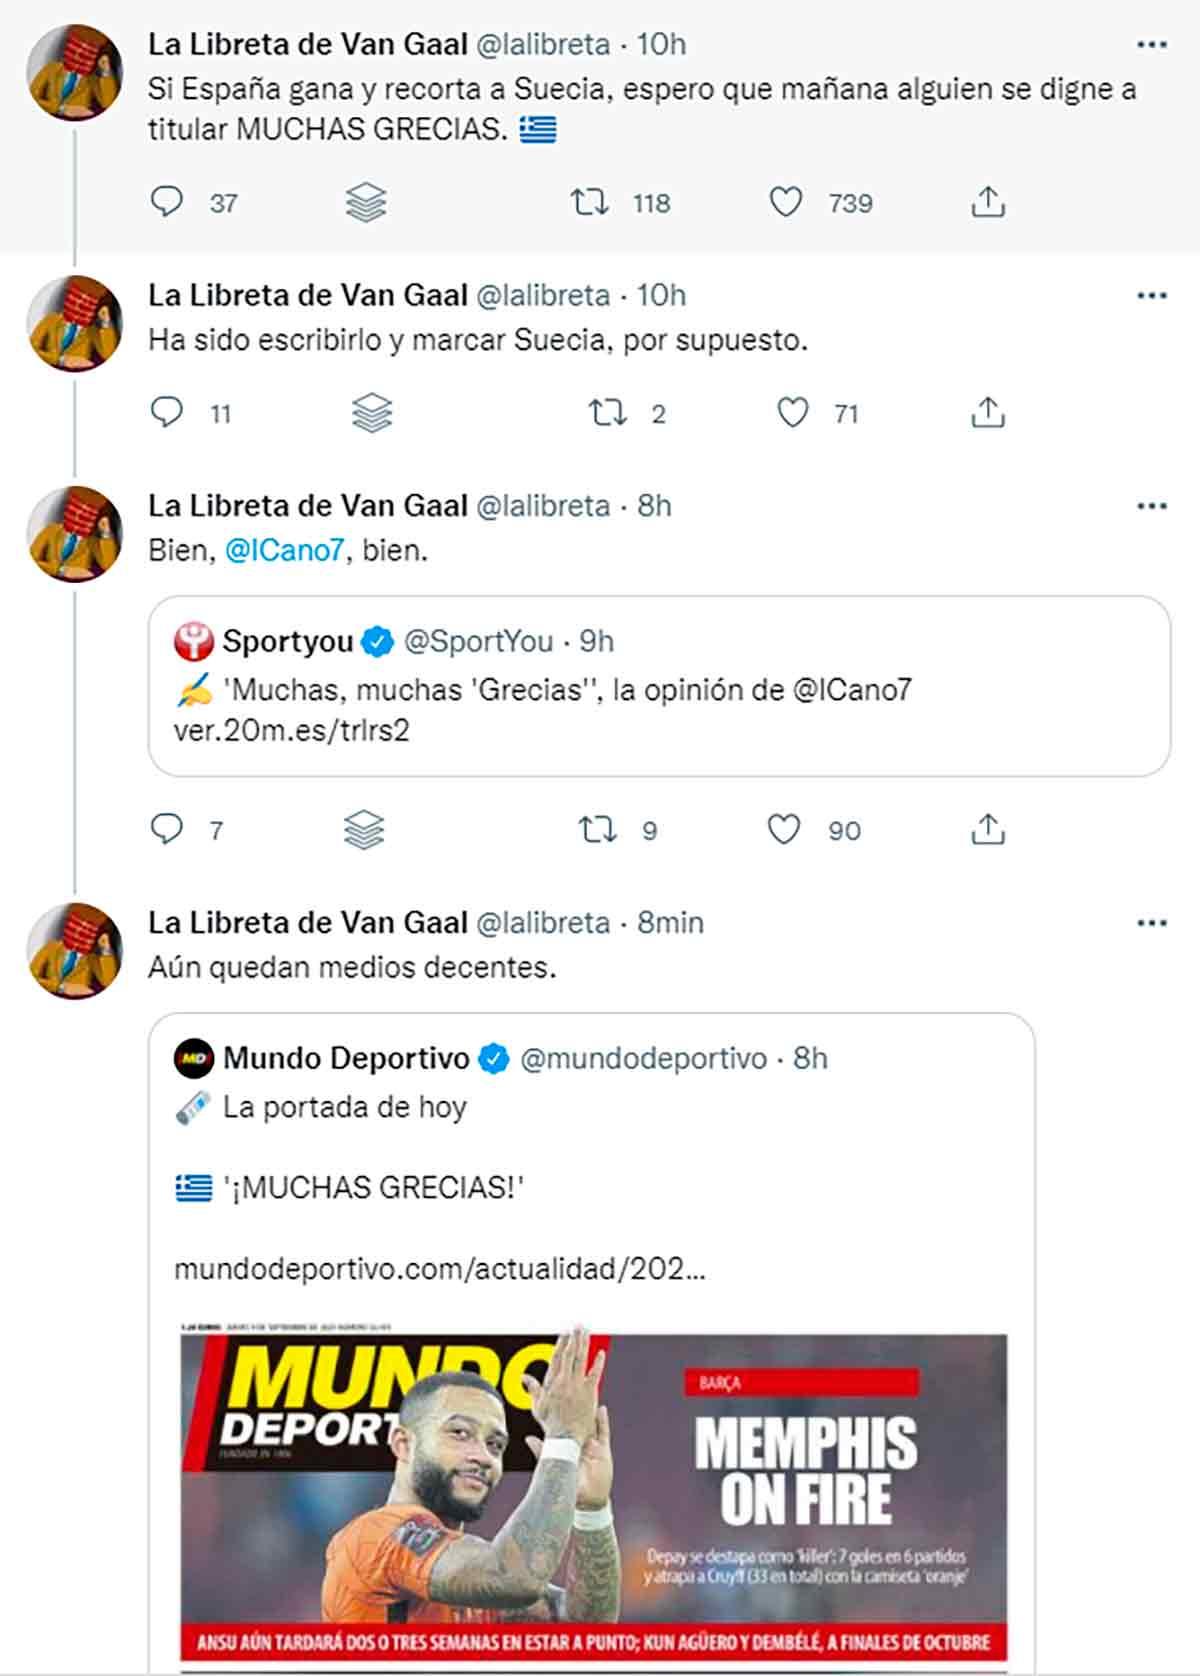 Tuit La Libreta de Van Gaal